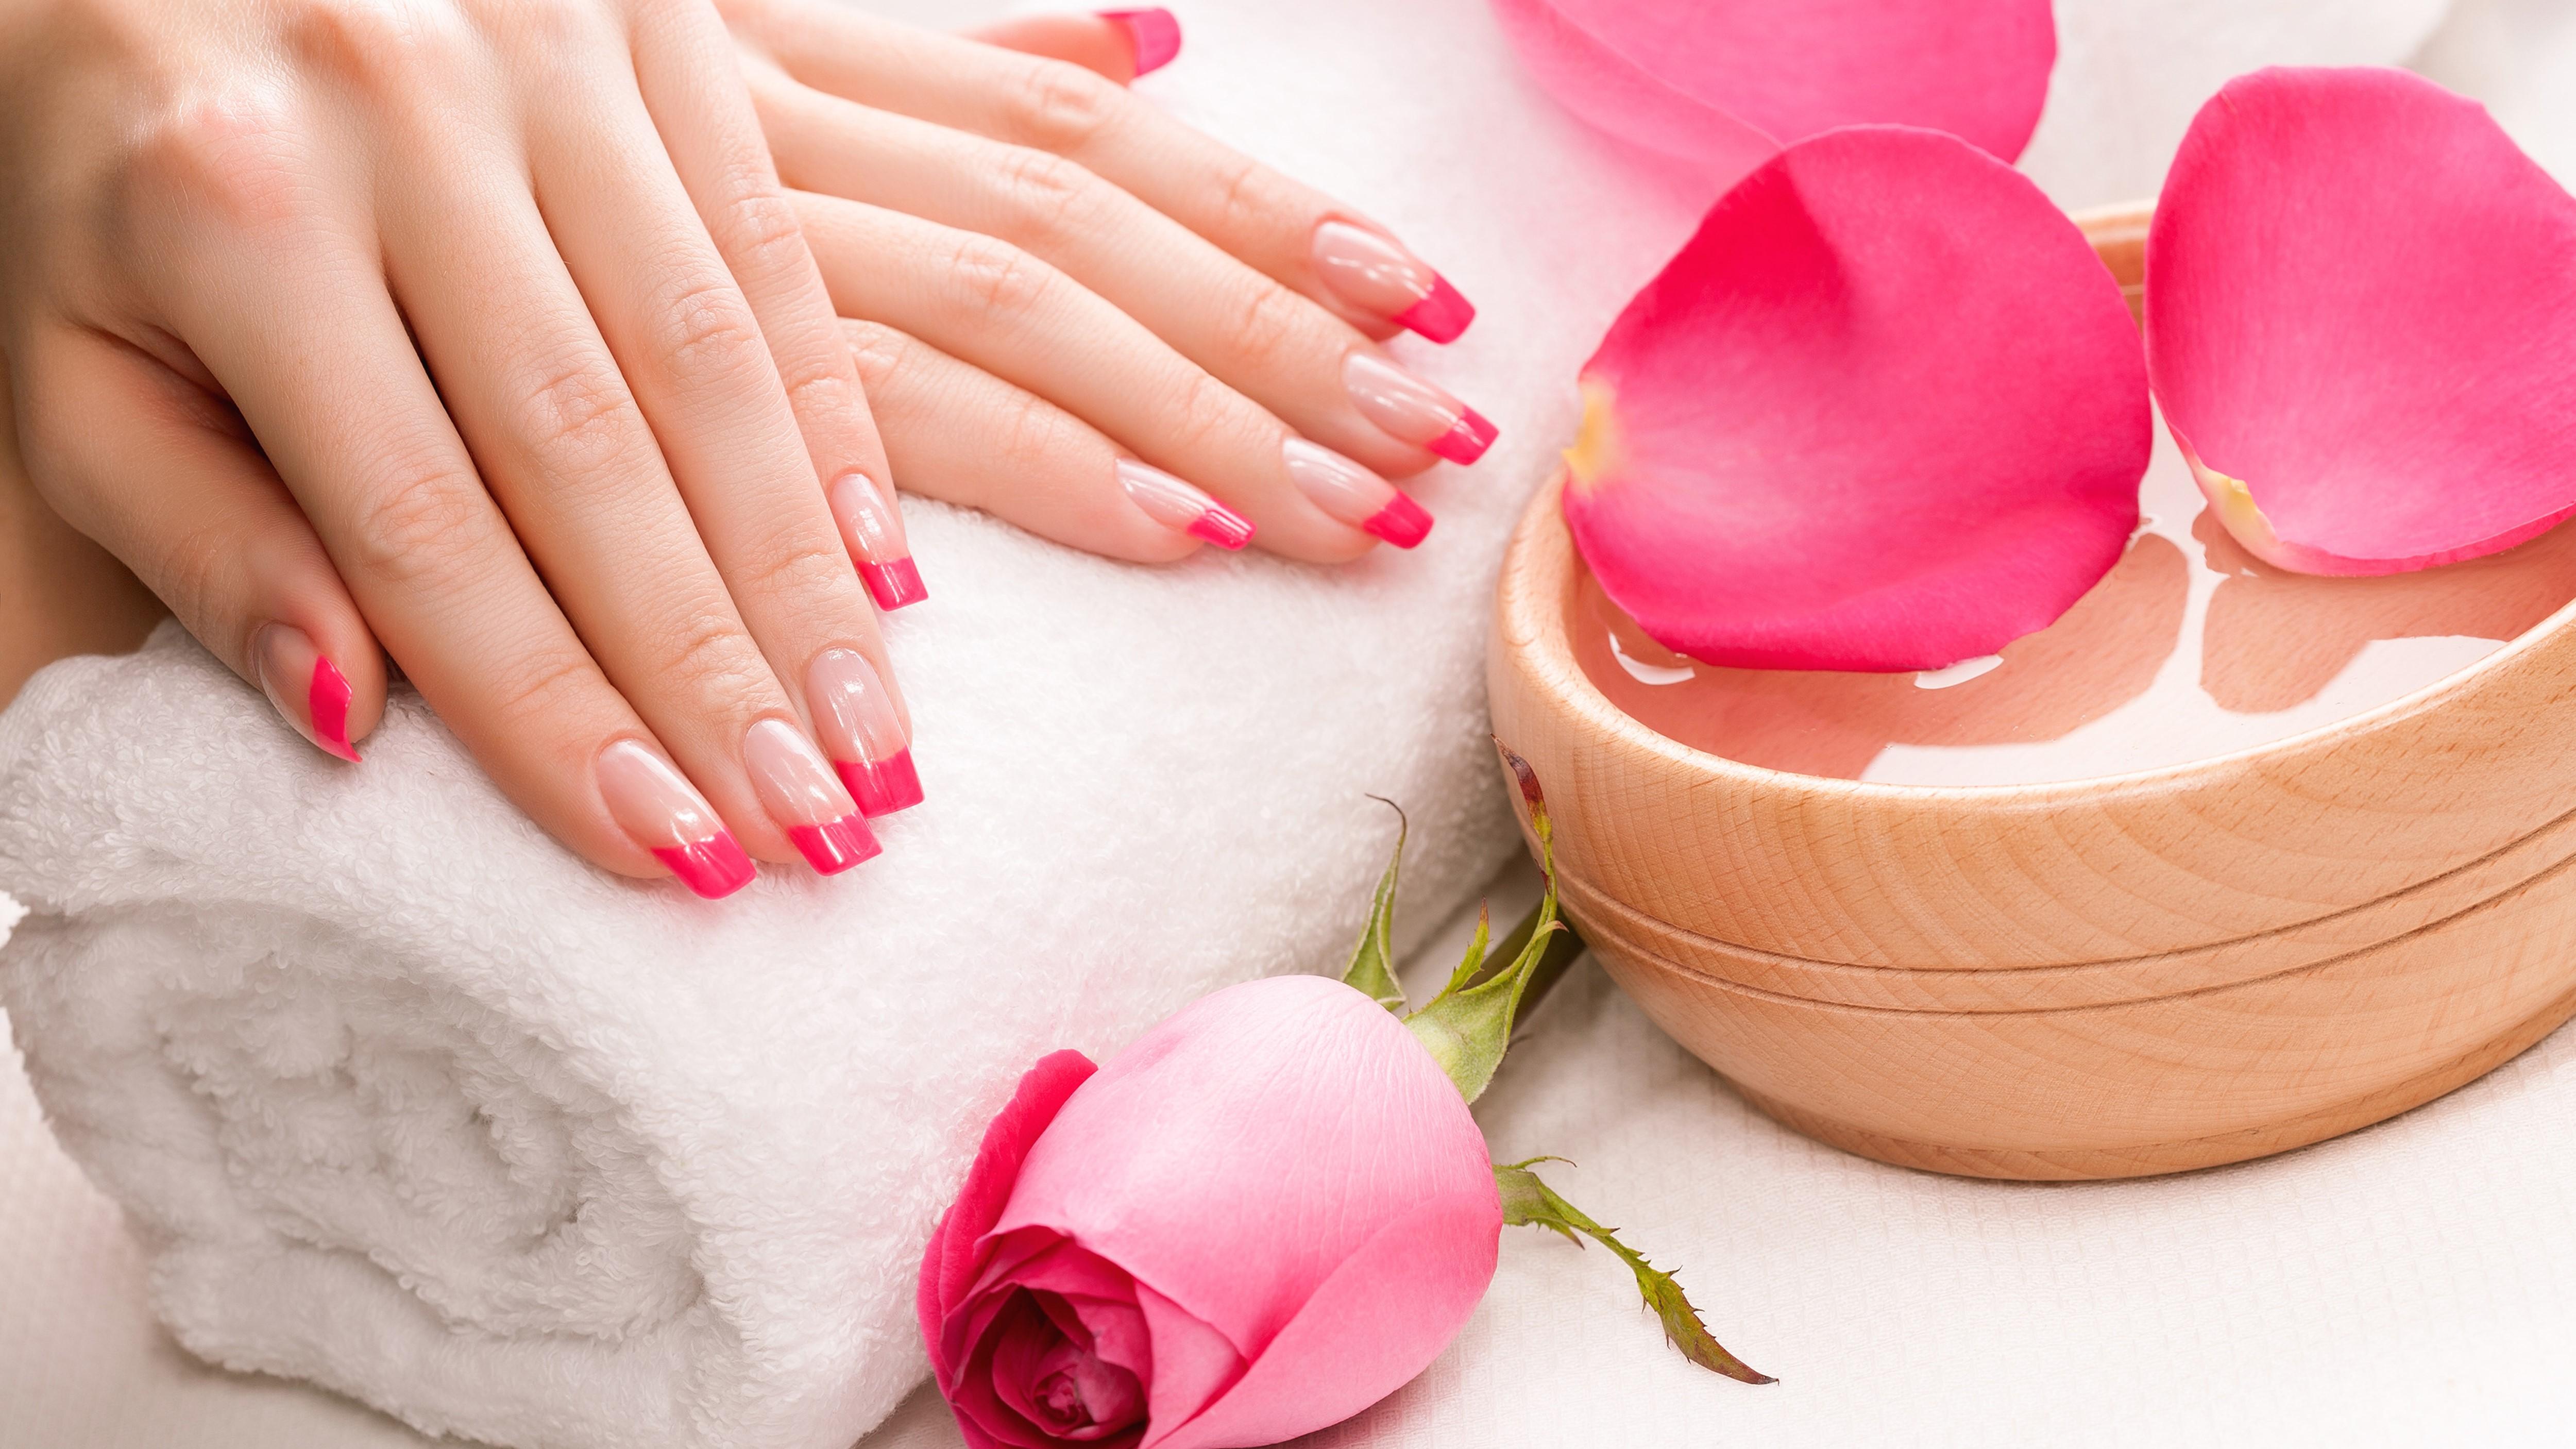 Nghệ thuật làm nail và sơn gel cho người mới bắt đầu để trở thành thợ nail chuyên nghiệp